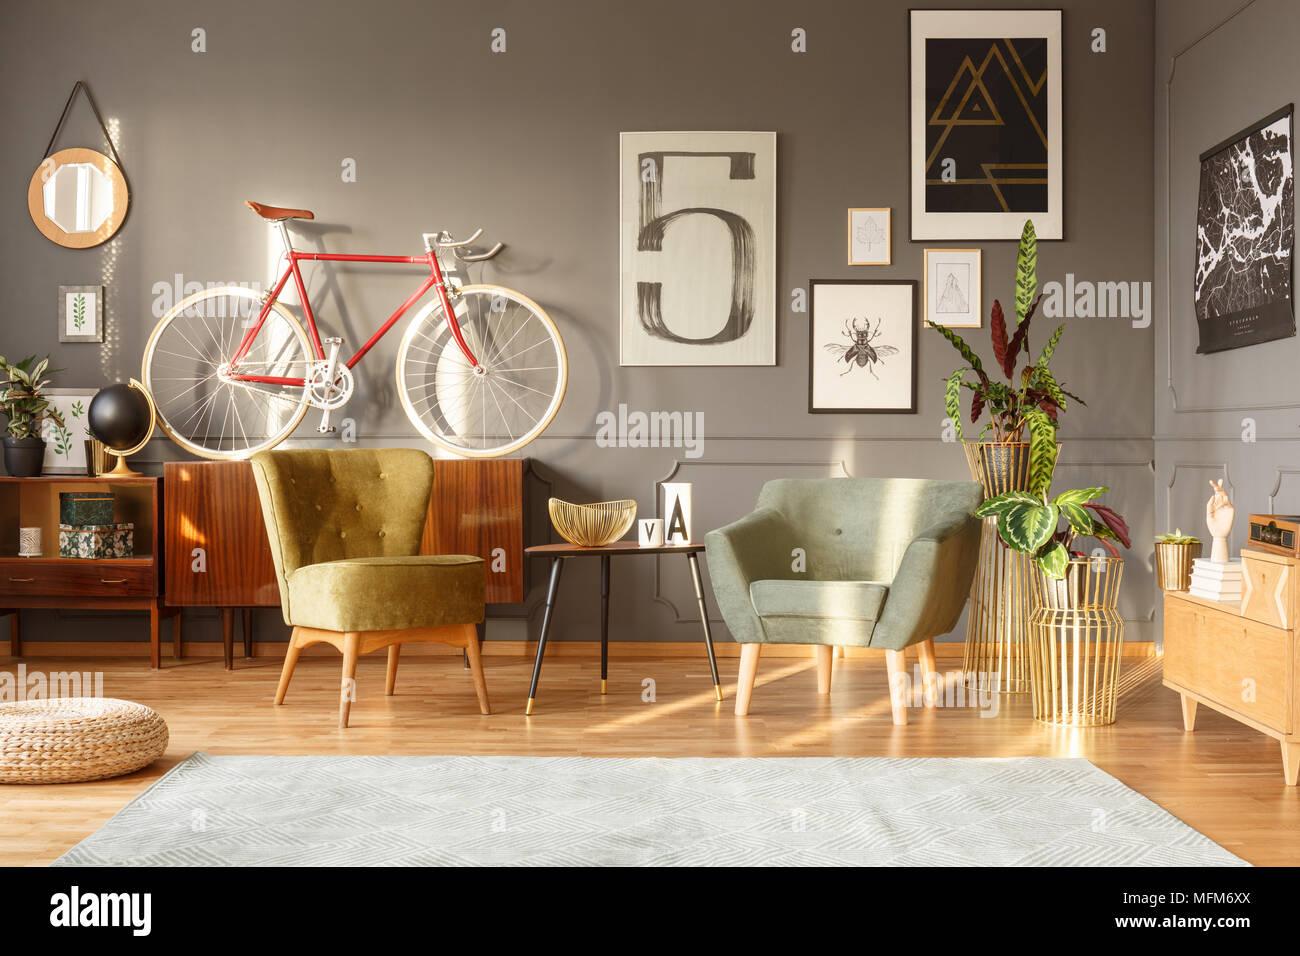 Schwarz Tisch Zwischen Grünen Sesseln Im Retro Look Wohnzimmer